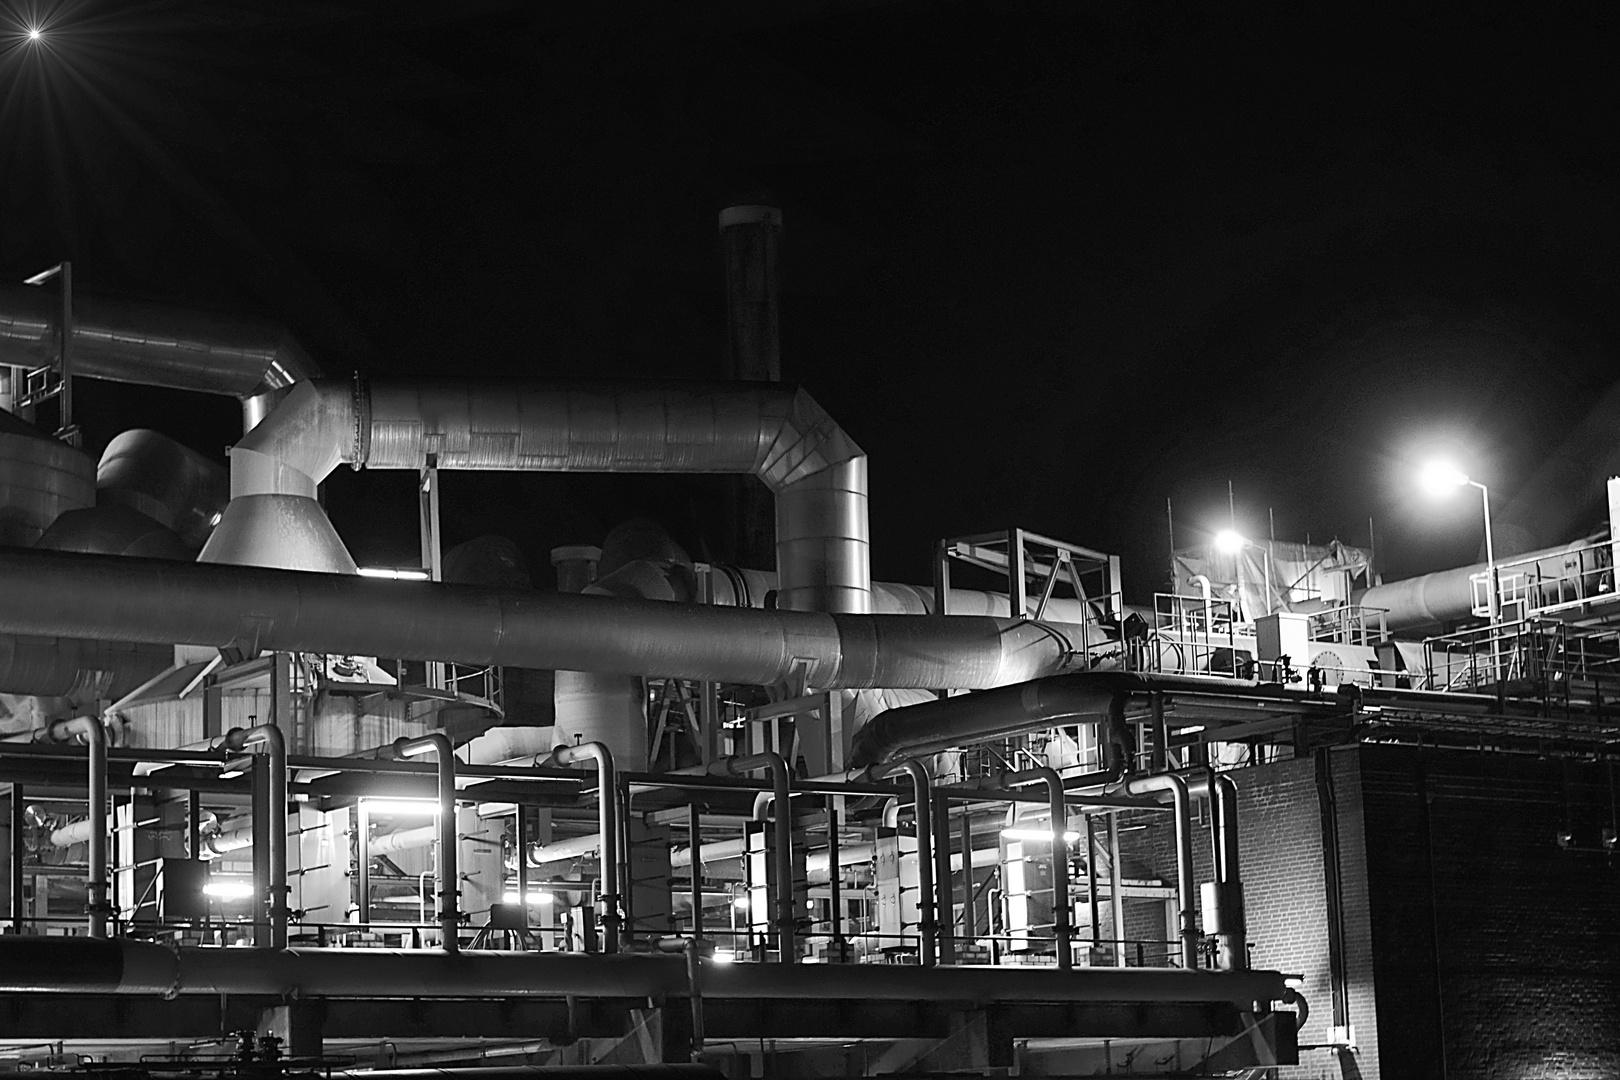 Raffinerie-1